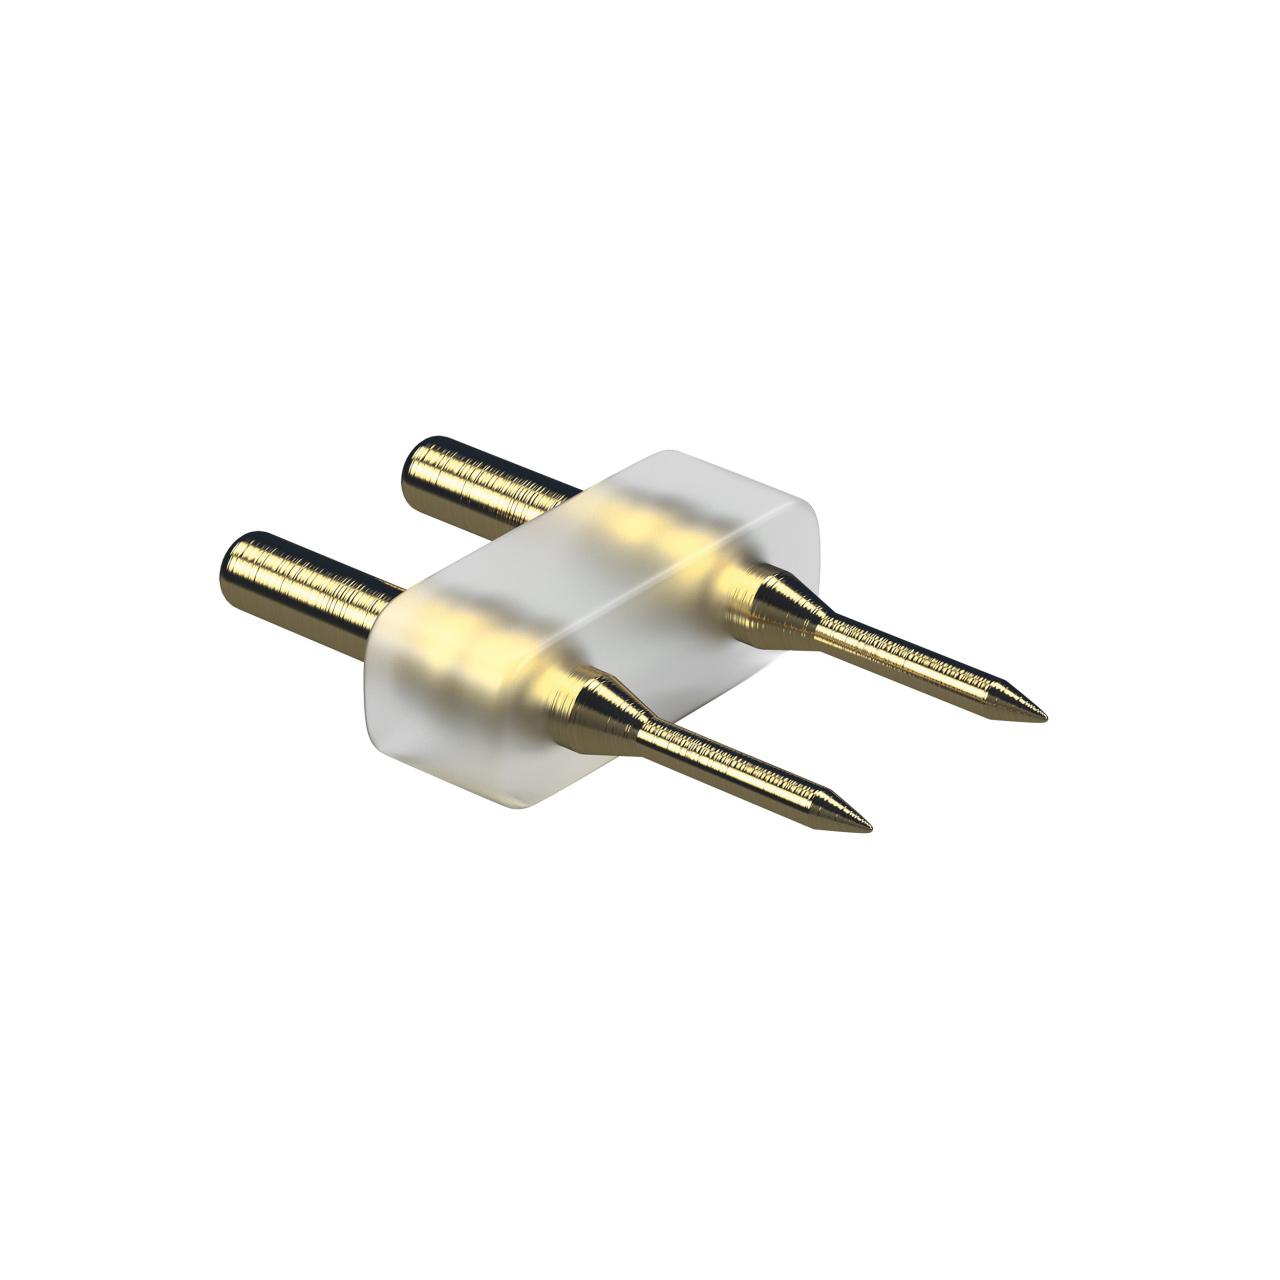 Соединитель 2-штырьковый для ленты 220 вольт 3528/60 3014/120 (питание-лента) Lightstar 408902